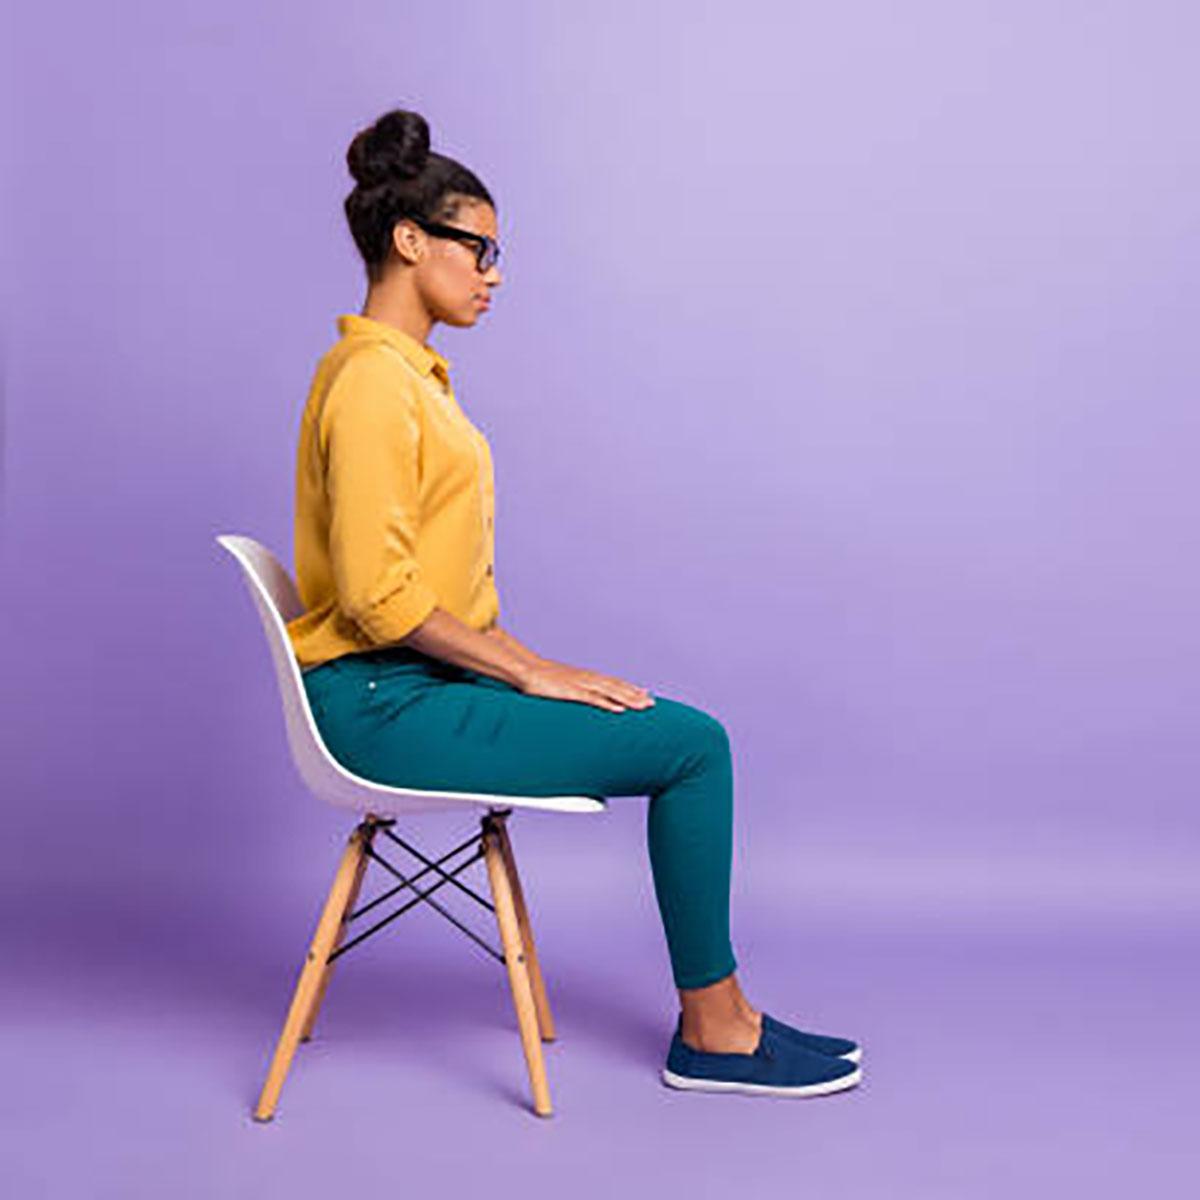 استفاده از صندلی برای بیماران پارکینسون